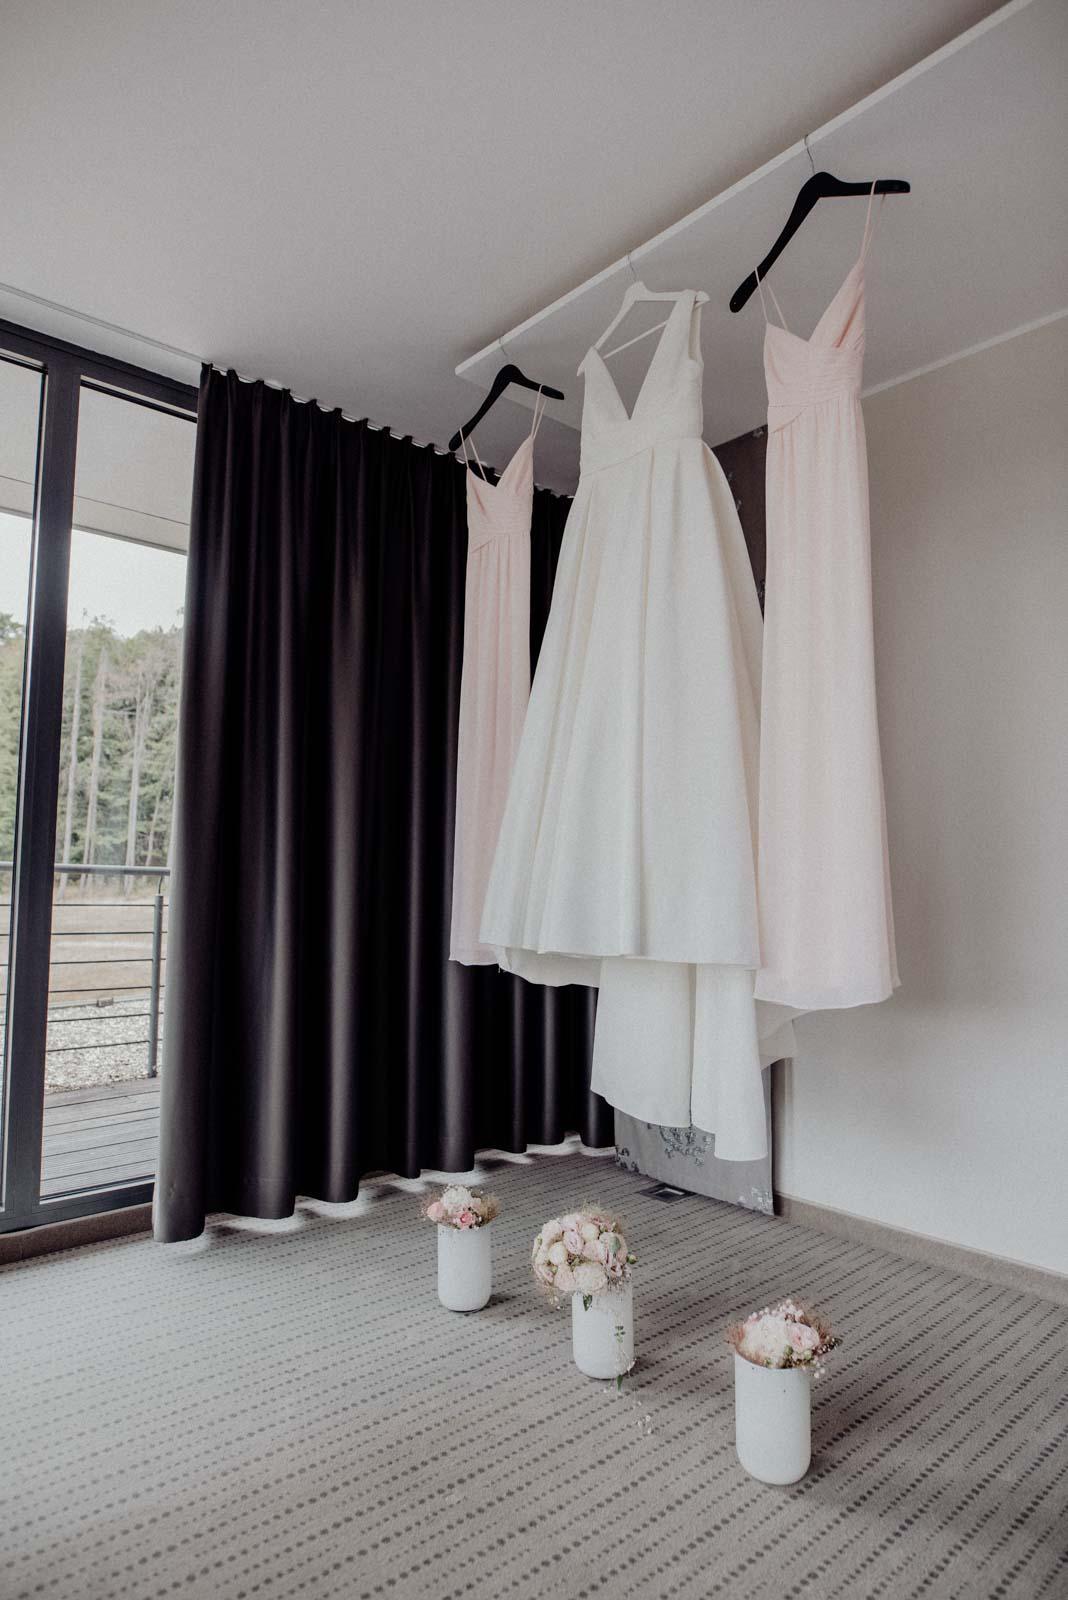 Brautkleid und Kleider der Brautjungfern beim Getting Ready